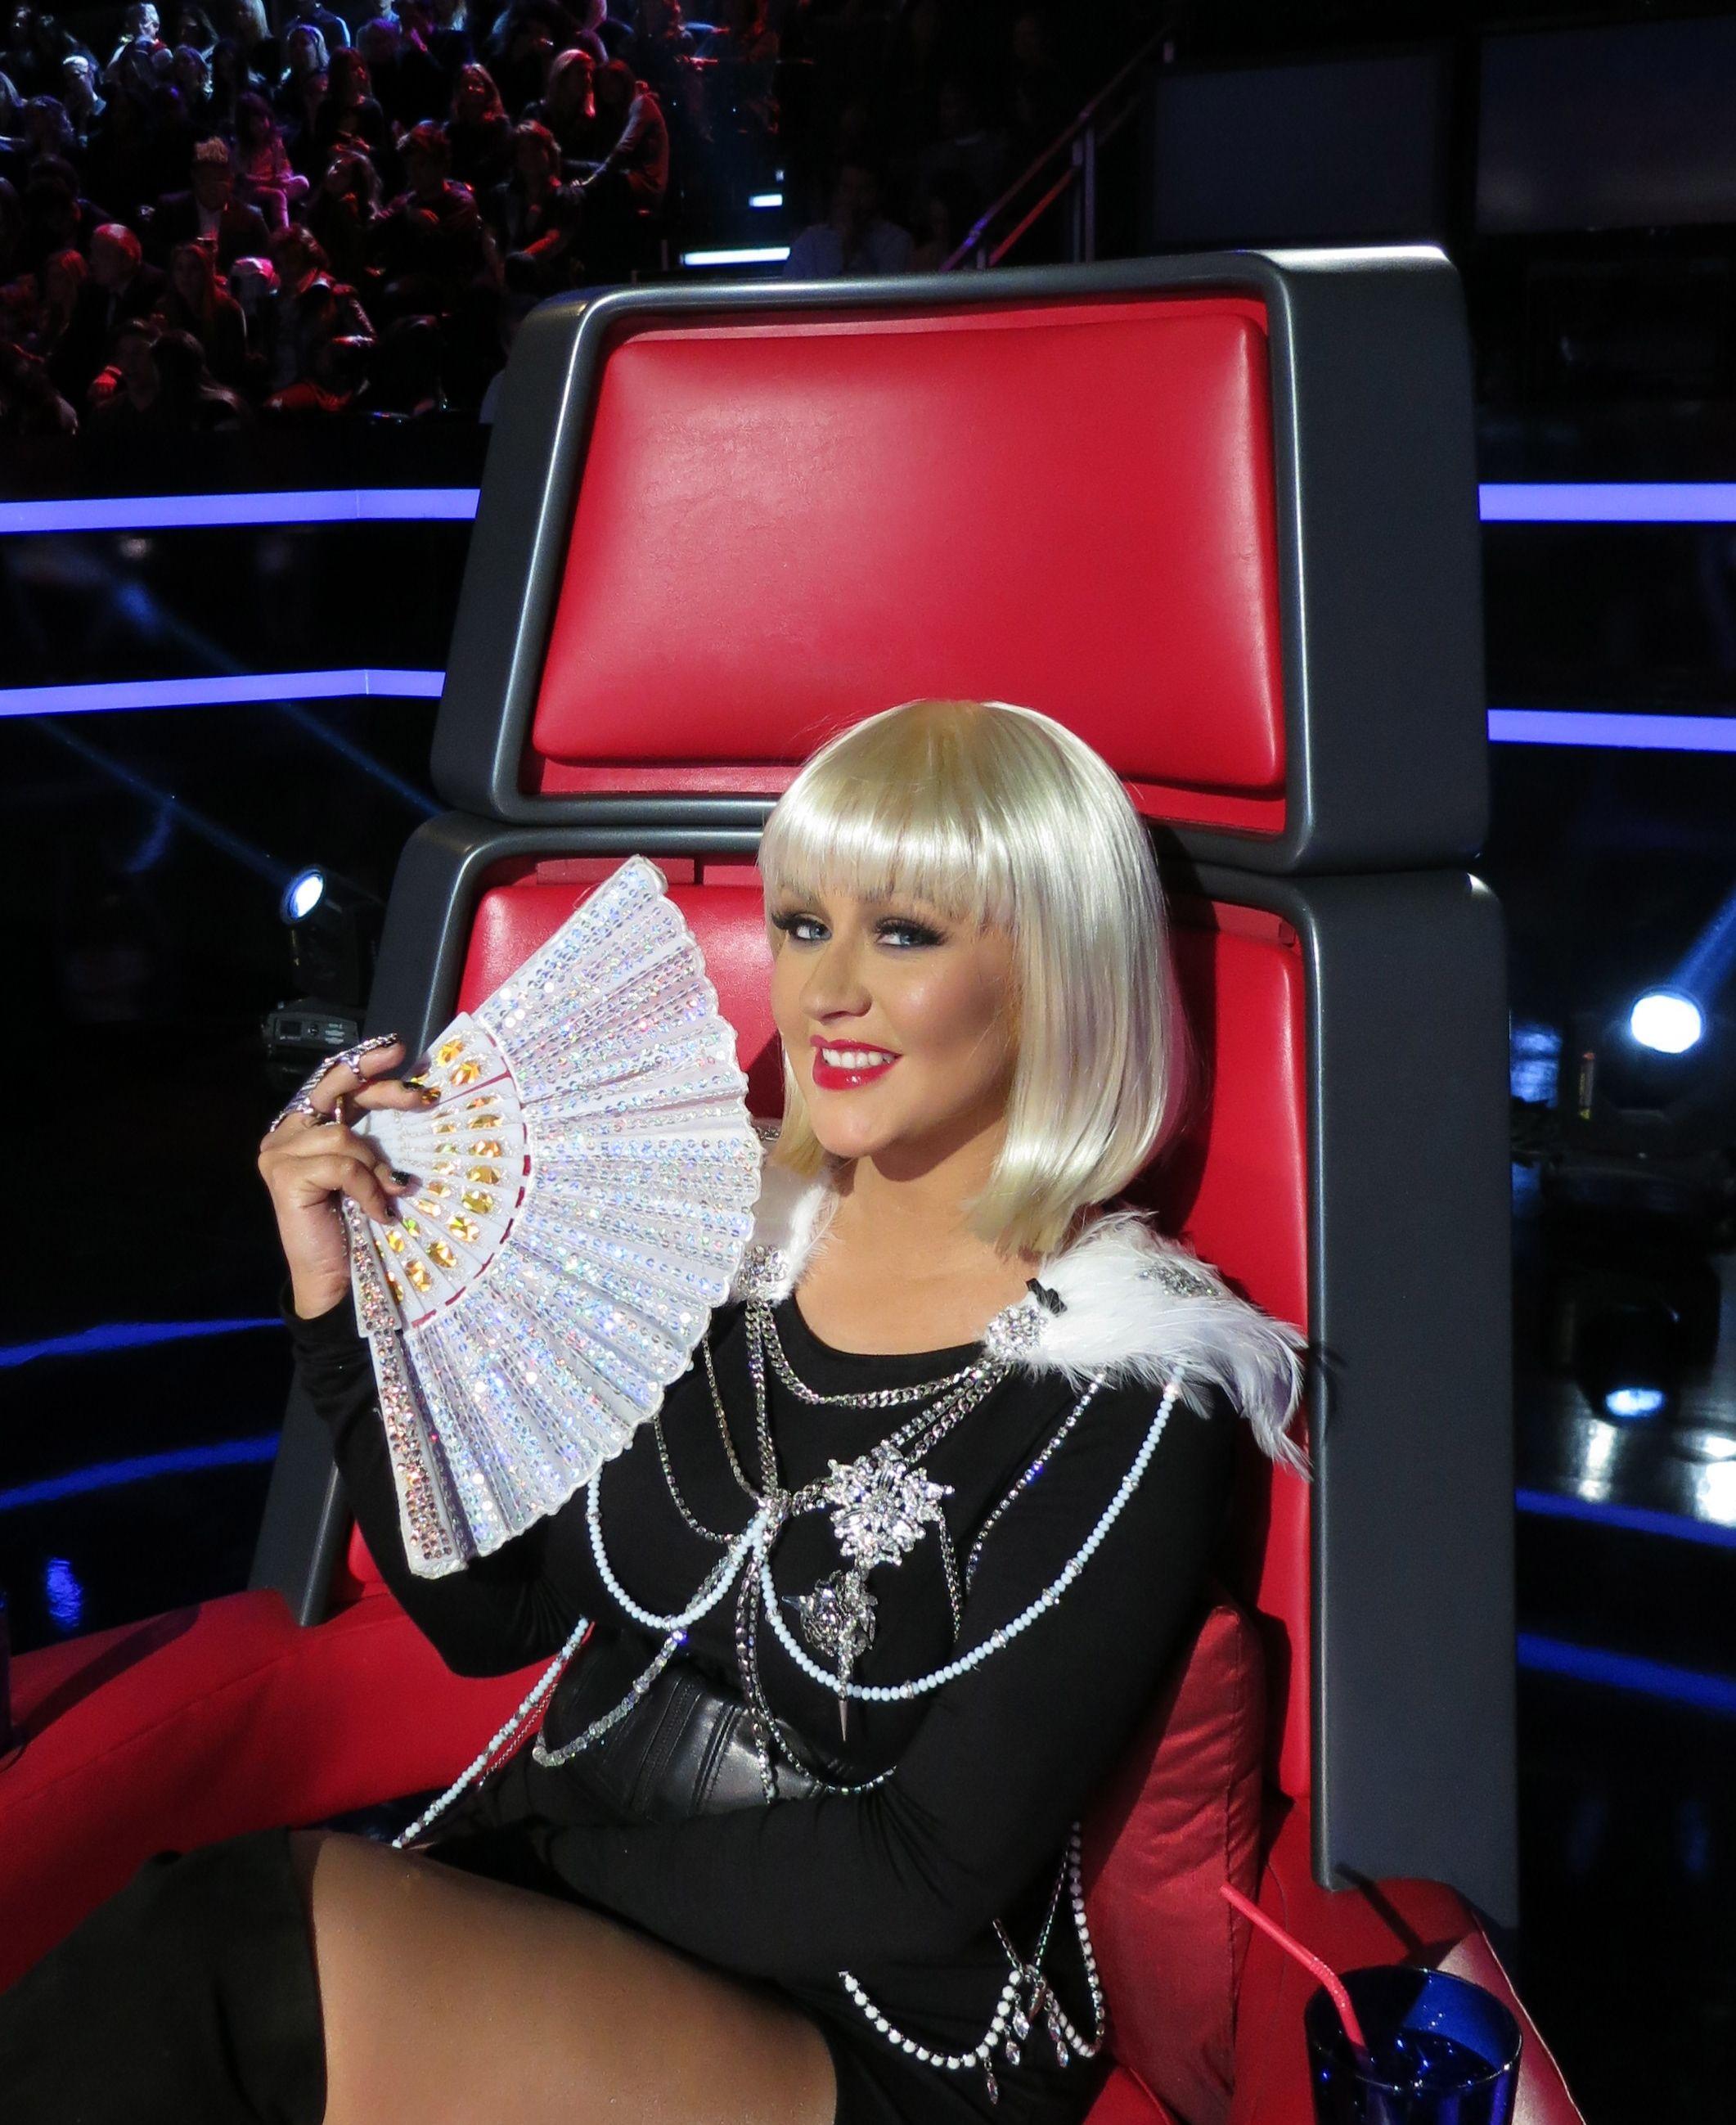 Christina Aguilera's Bubblegum Pink Manicure: Get The Look